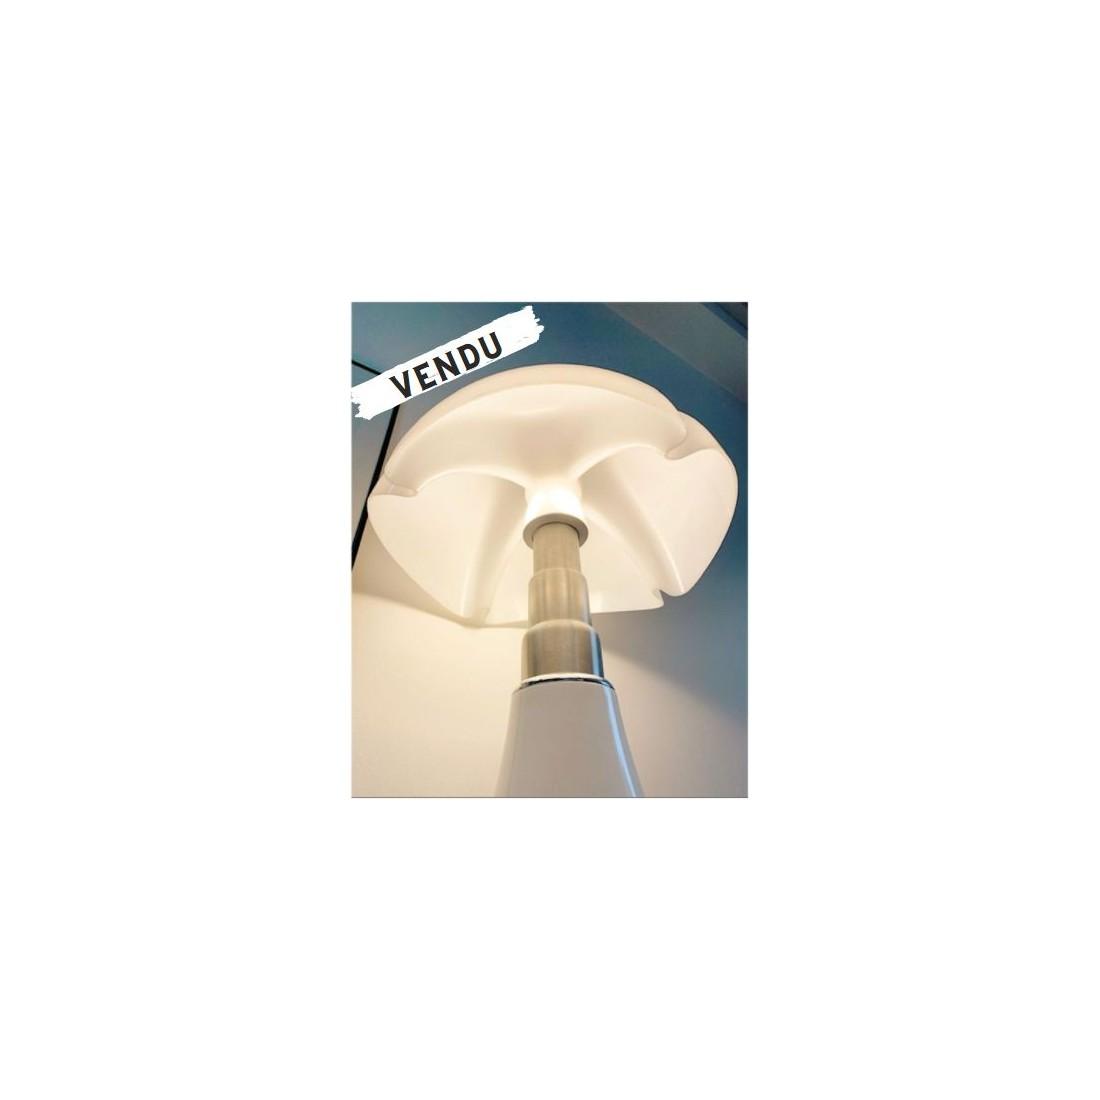 Lampe Pipistrello Medium Blanche Martinelli Luce - 2nde Main